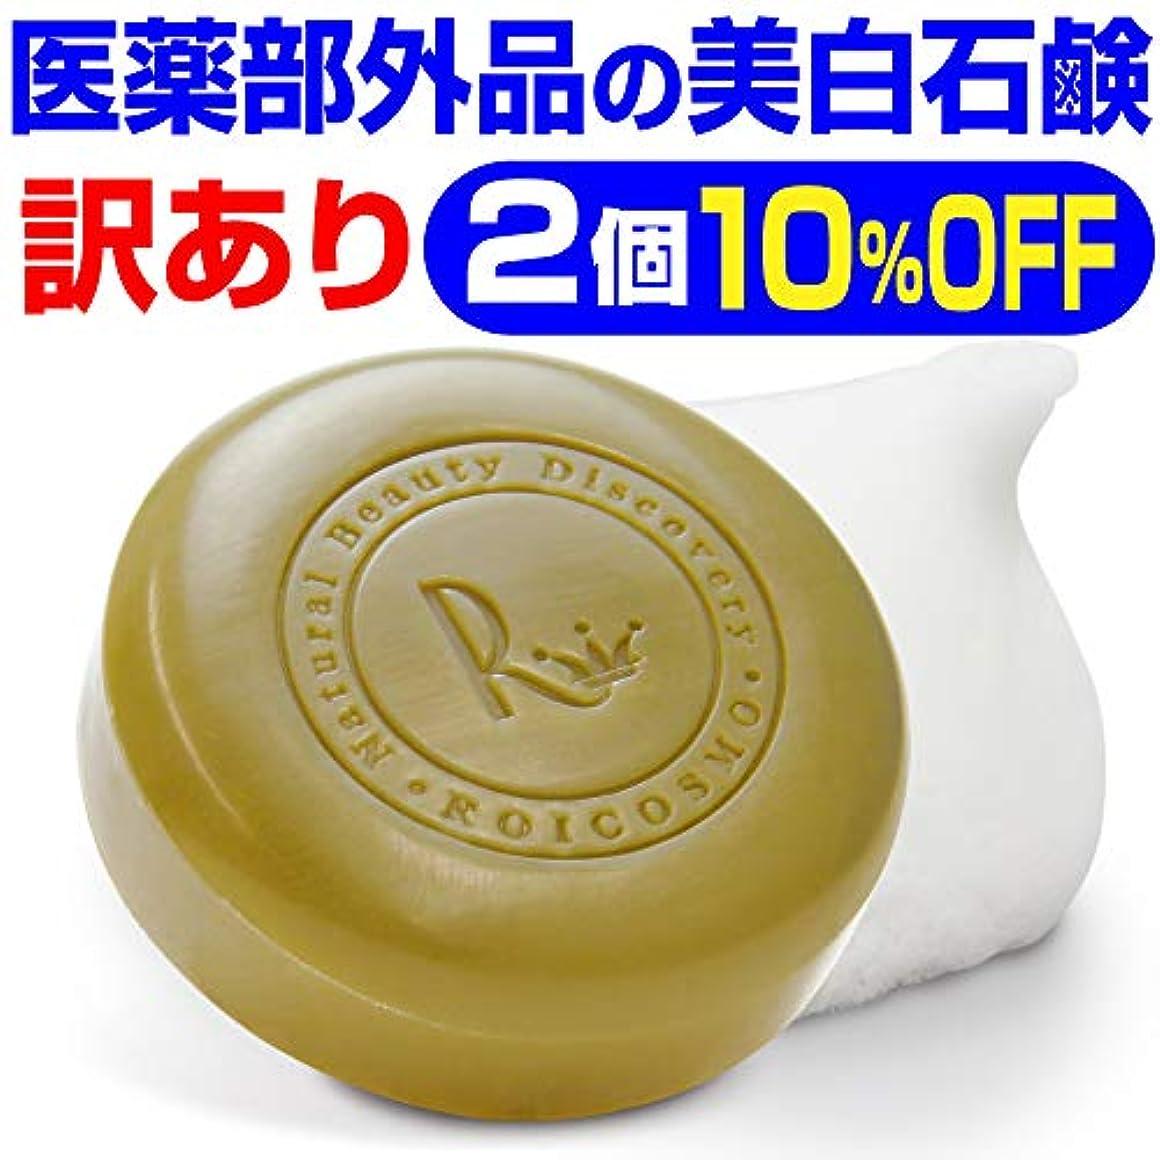 好きである緩めるバッグ訳あり10%OFF(1個2,143円)売切れ御免 ビタミンC270倍の美白成分の 洗顔石鹸『ホワイトソープ100g×2個』